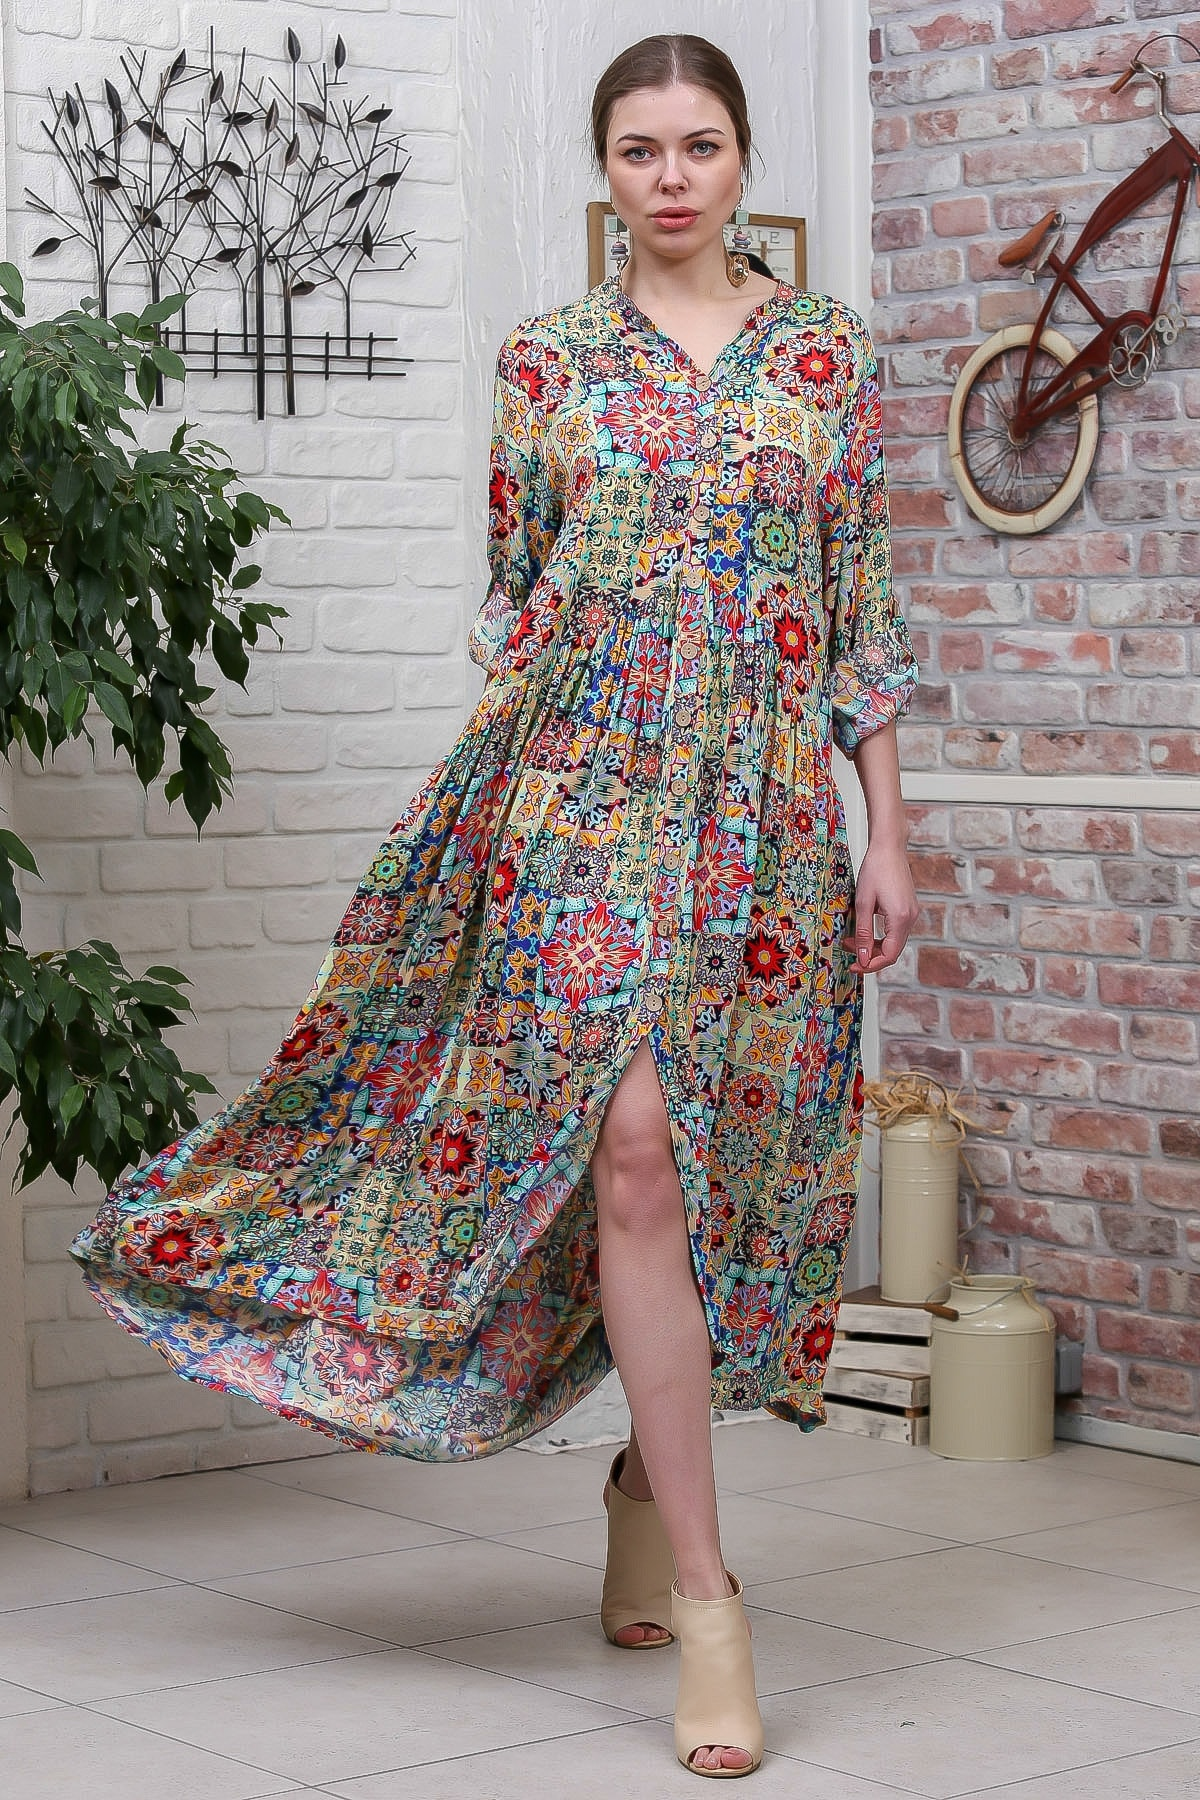 Chiccy Kadın Yeşil  Bohem Ottoman Desenli Ahşap Düğmeli Büzgülü Salaş Elbise M10160000EL95584 0